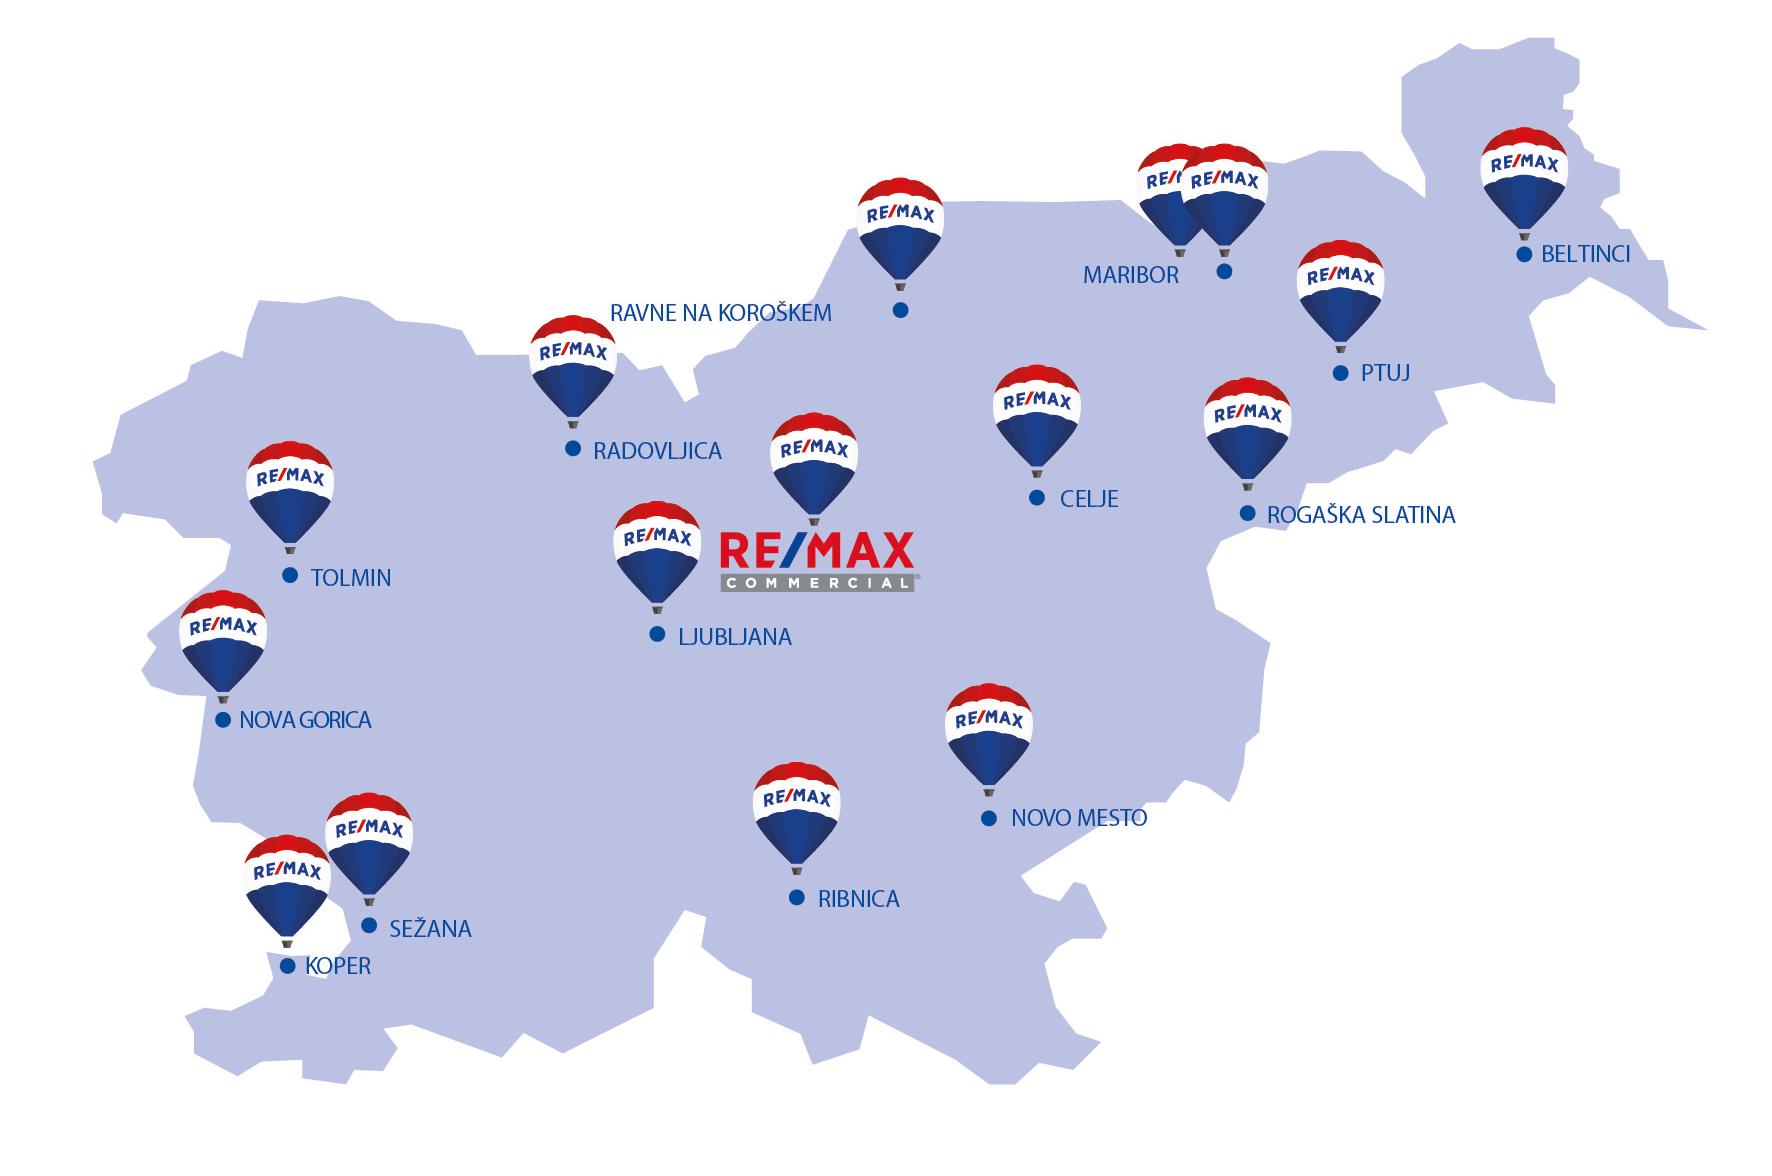 Zemljevid_Slo_REMAX_mreza-01png